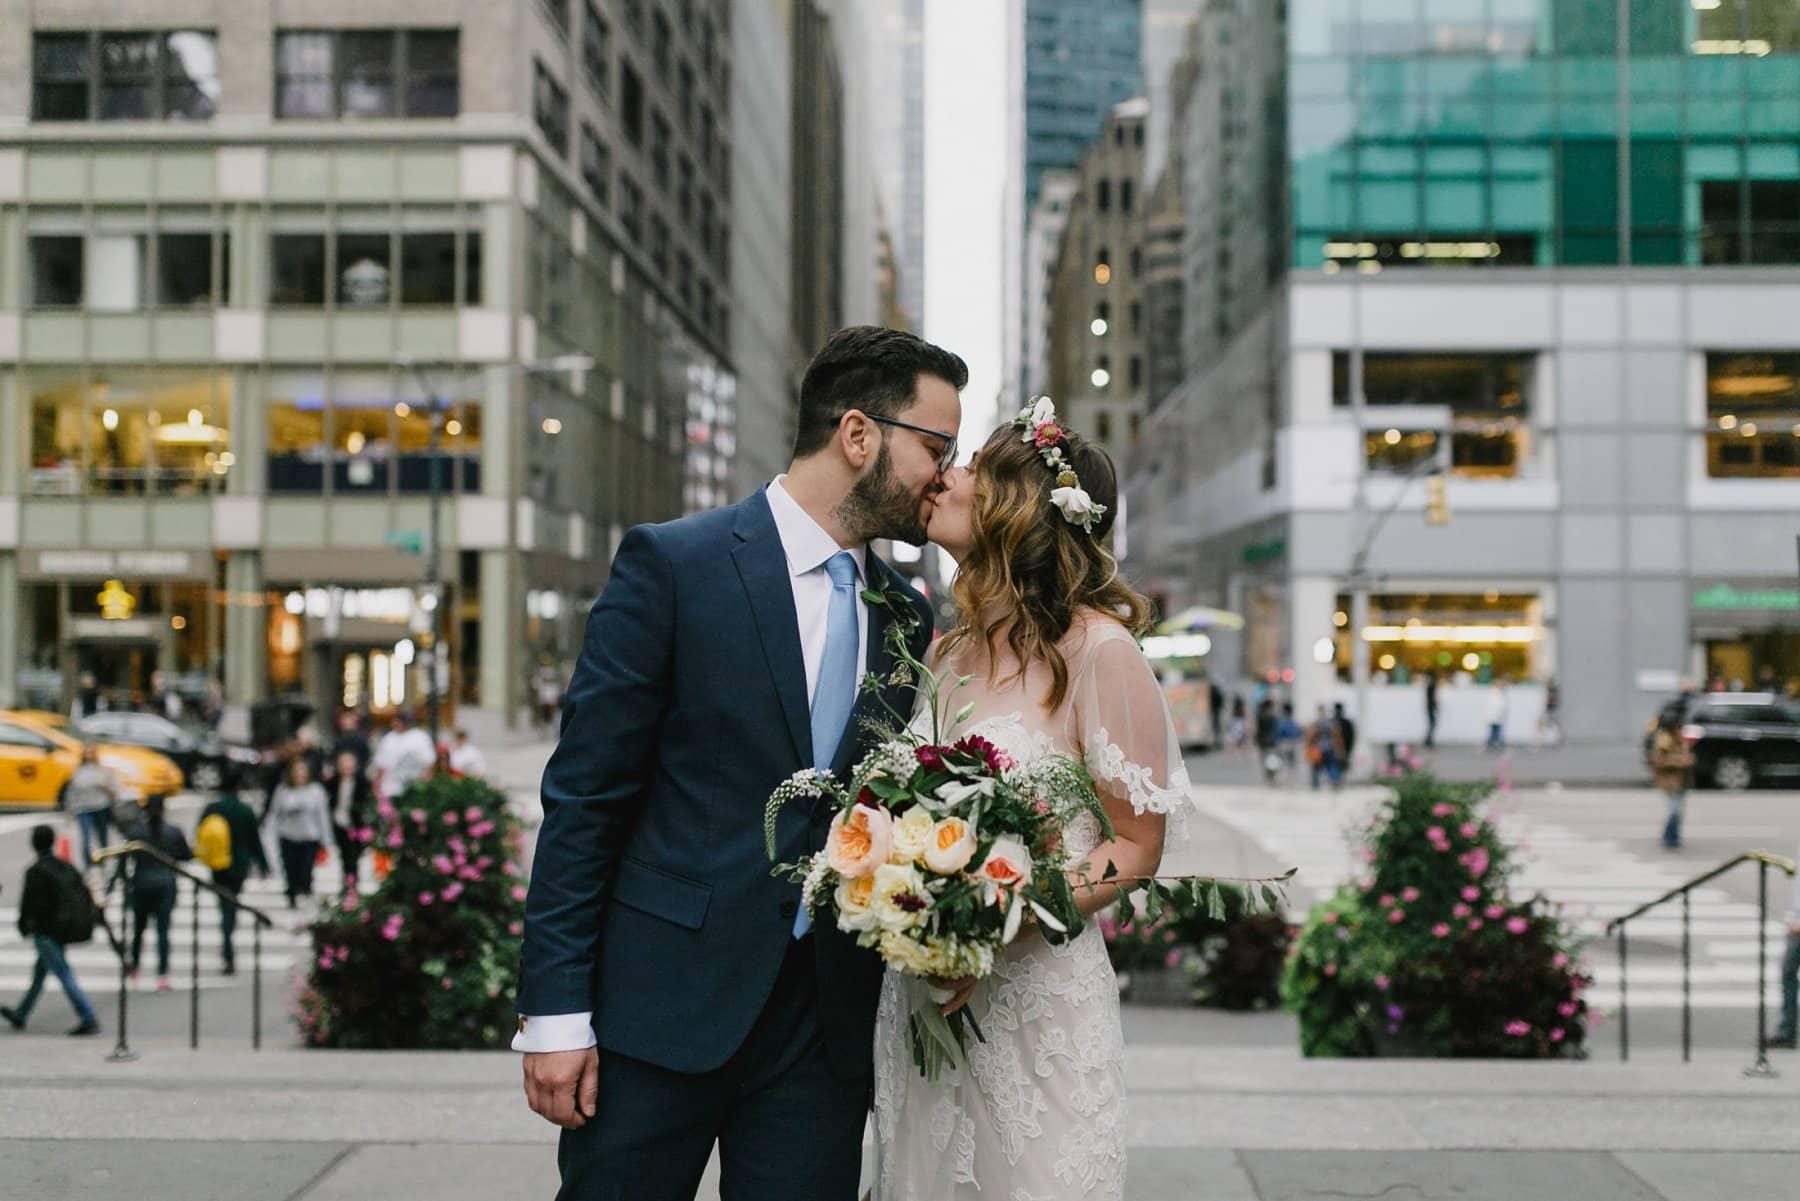 Manhattan wedding bride & groom kissing in front of buildings